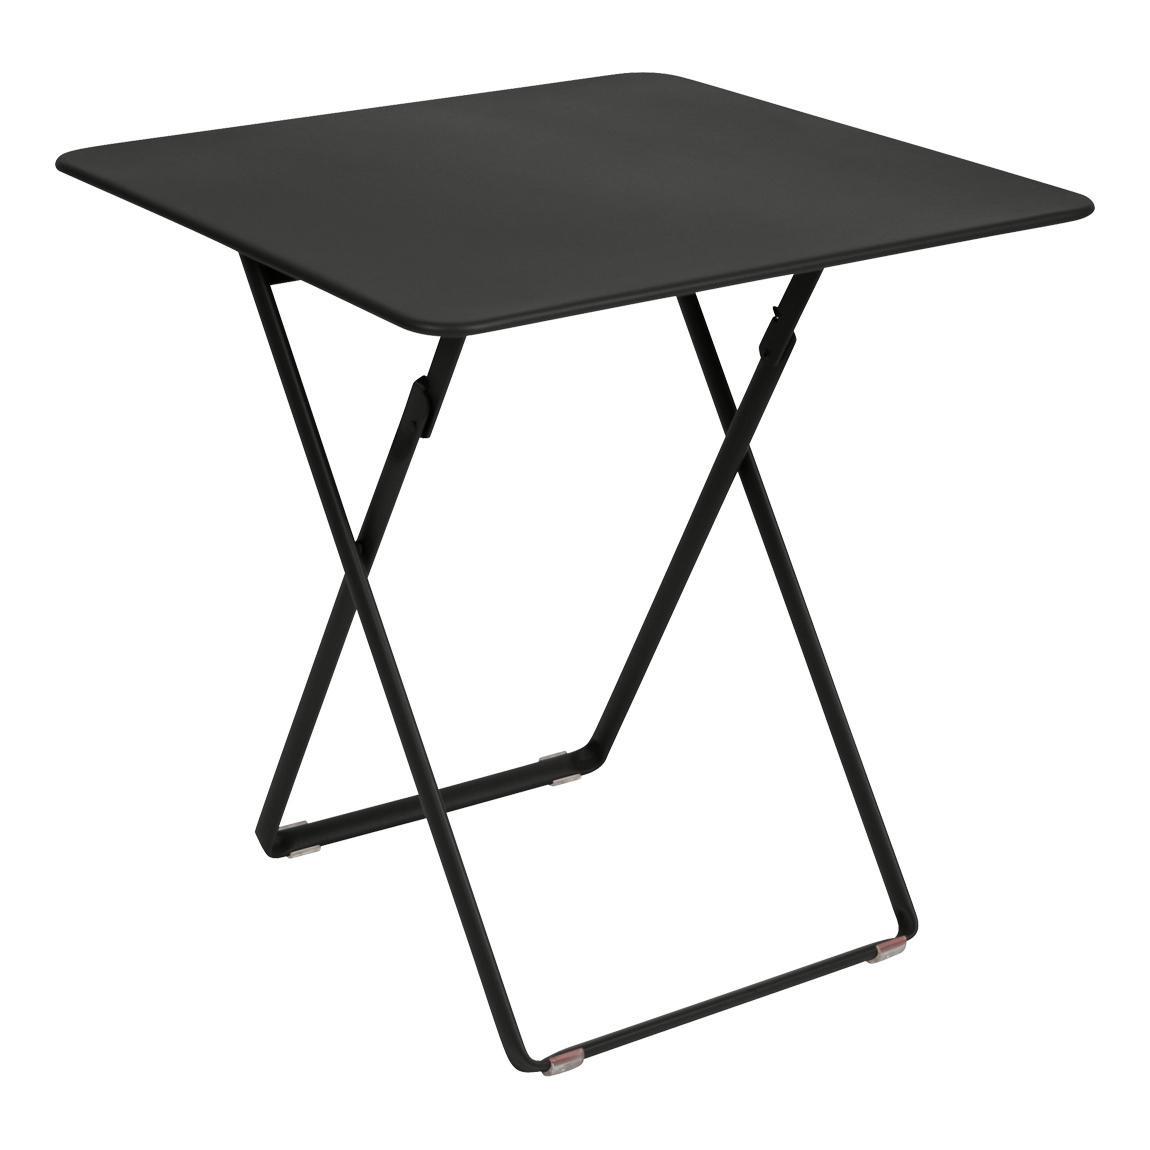 Plein Air Garden Table foldable